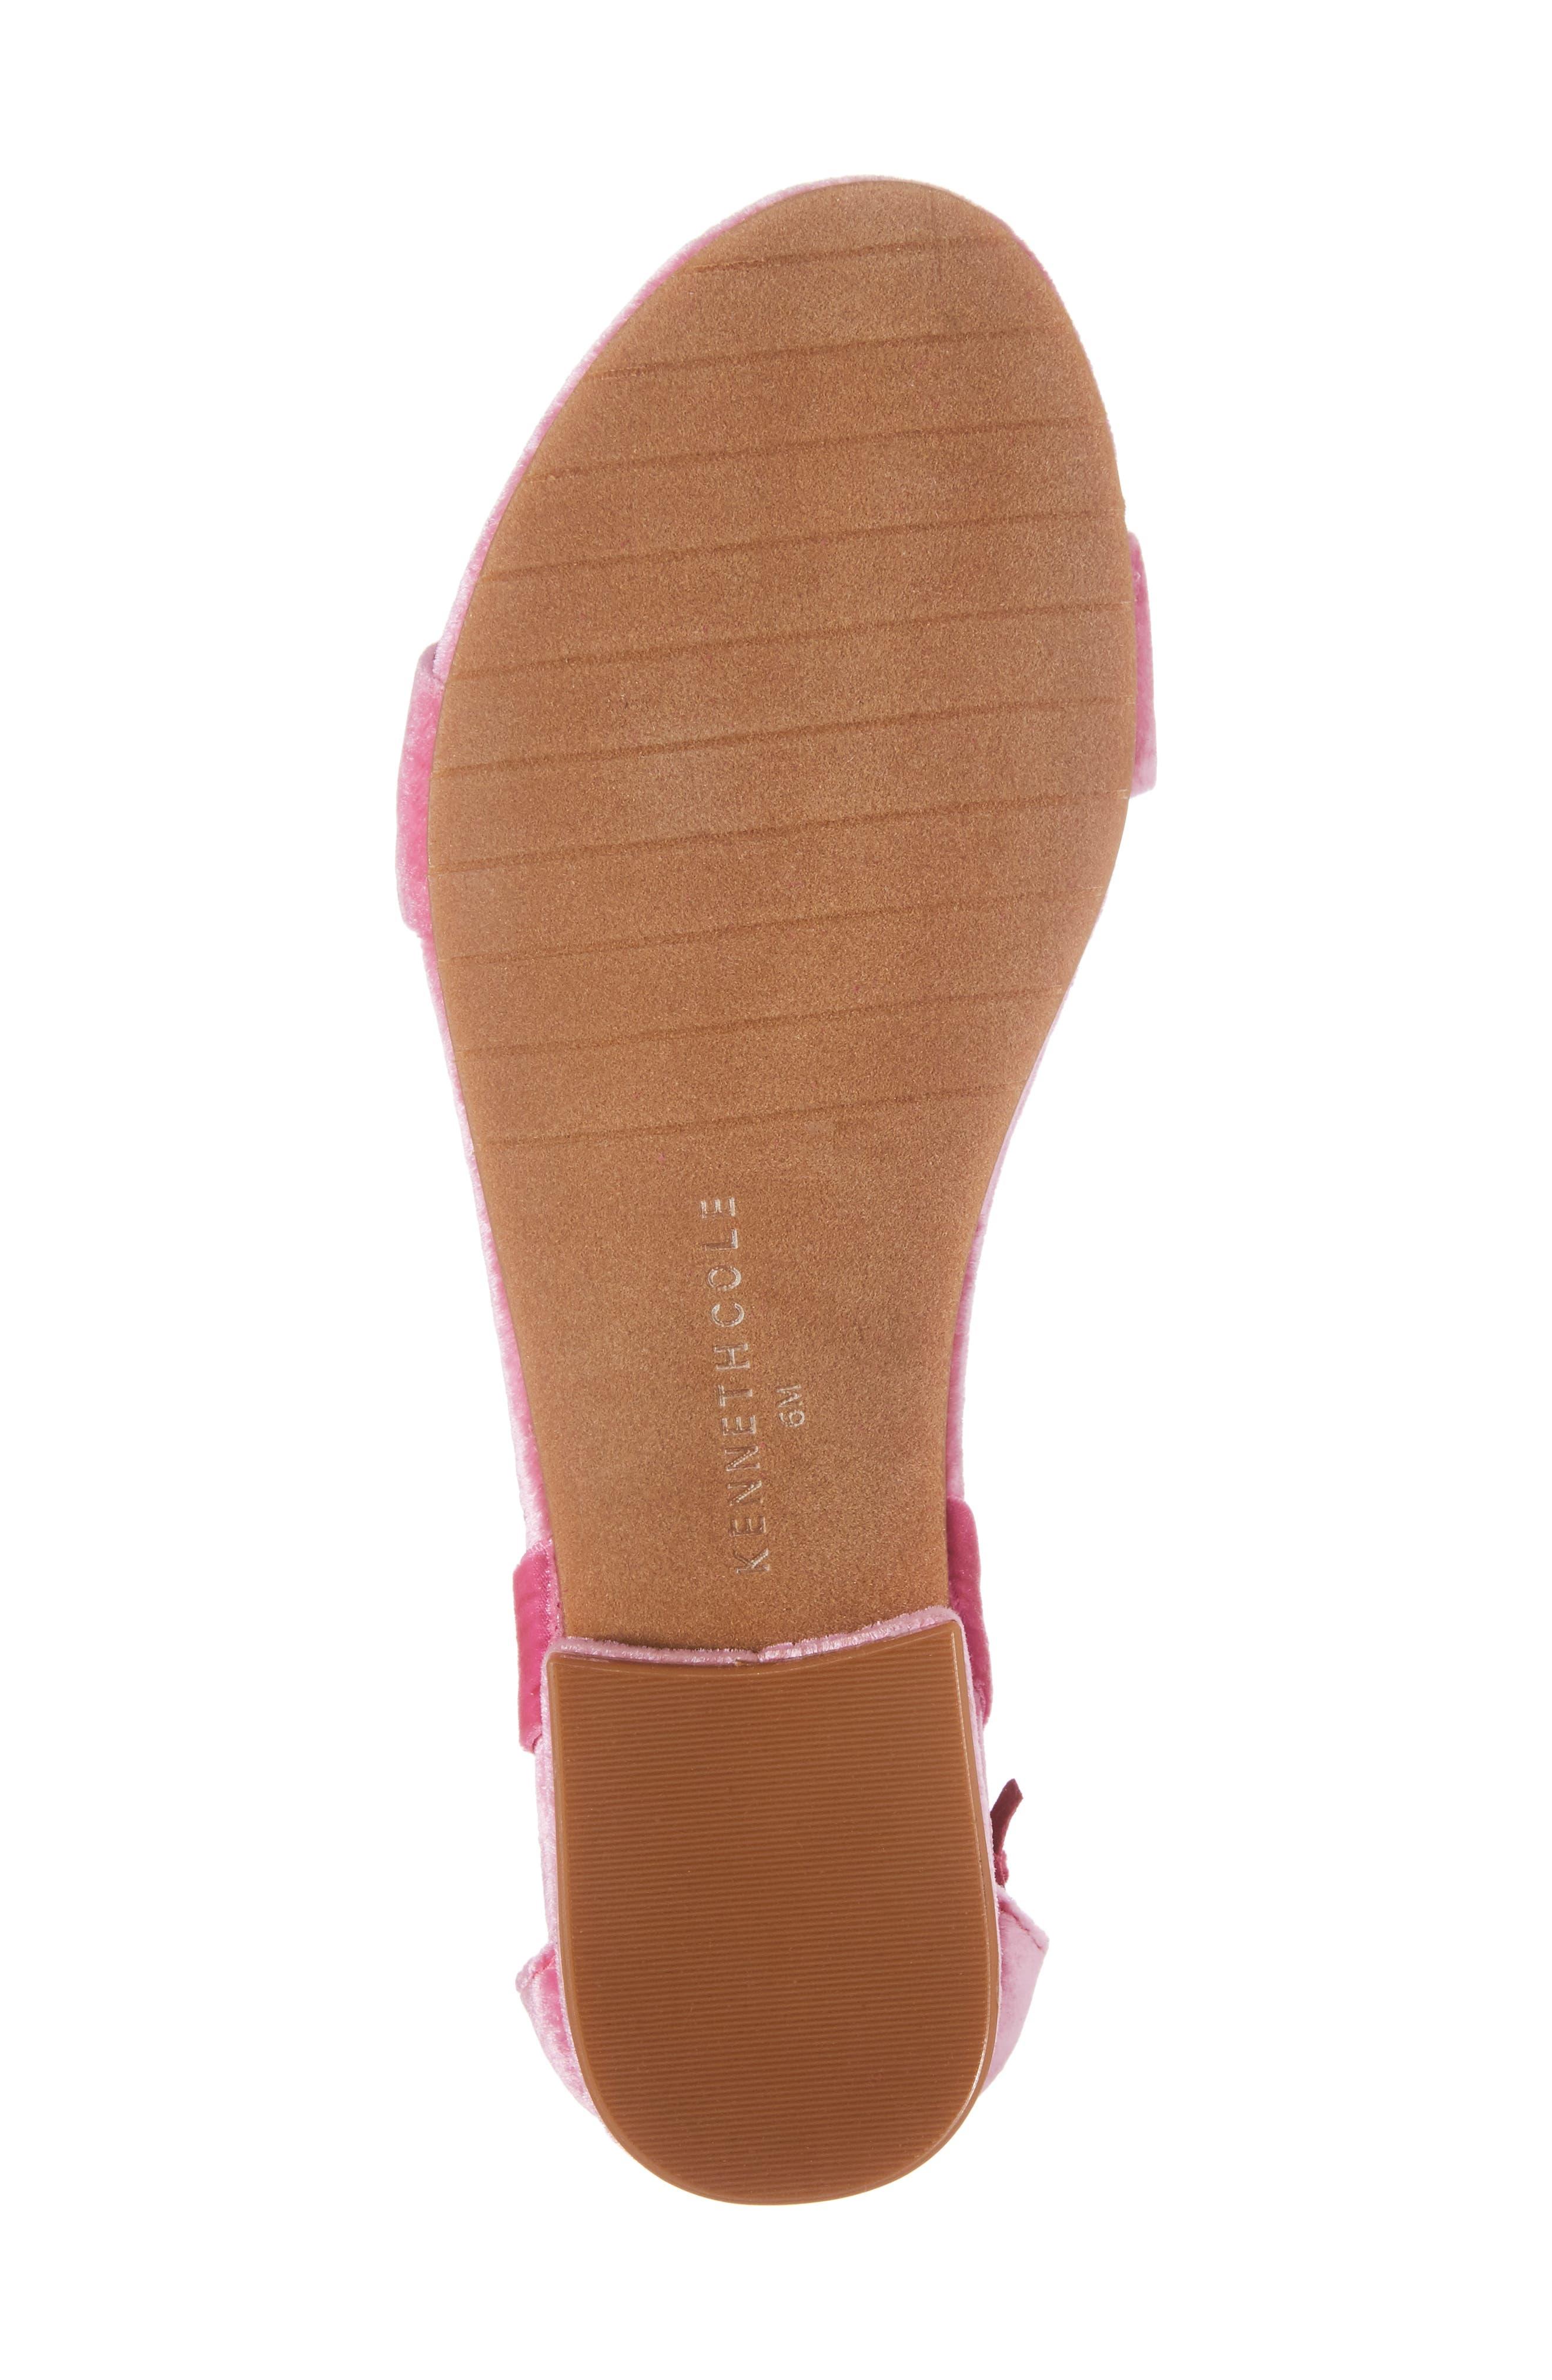 Valen Tassel Lace-Up Sandal,                             Alternate thumbnail 6, color,                             FUCHSIA VELVET